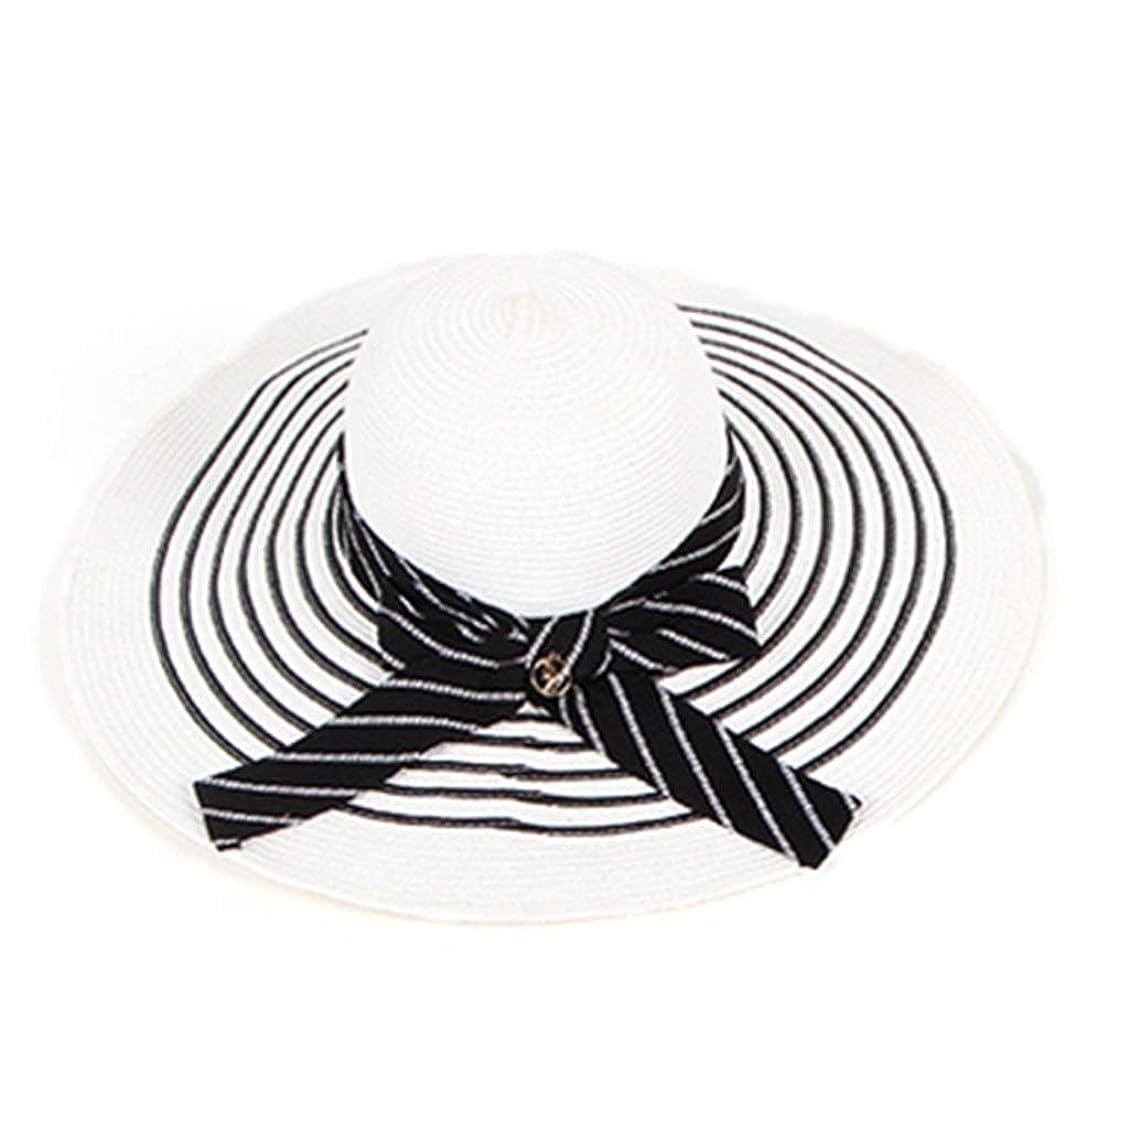 を必要としています進化マトンUVカット帽子 太陽帽子セルロースつば広弓ストライプ女性太陽帽子ビーチサンシェード折りたたみ式調節可能なUV春夏の太陽の帽子 UVカット帽子 (Color : 白, Size : Head 54-58cm)